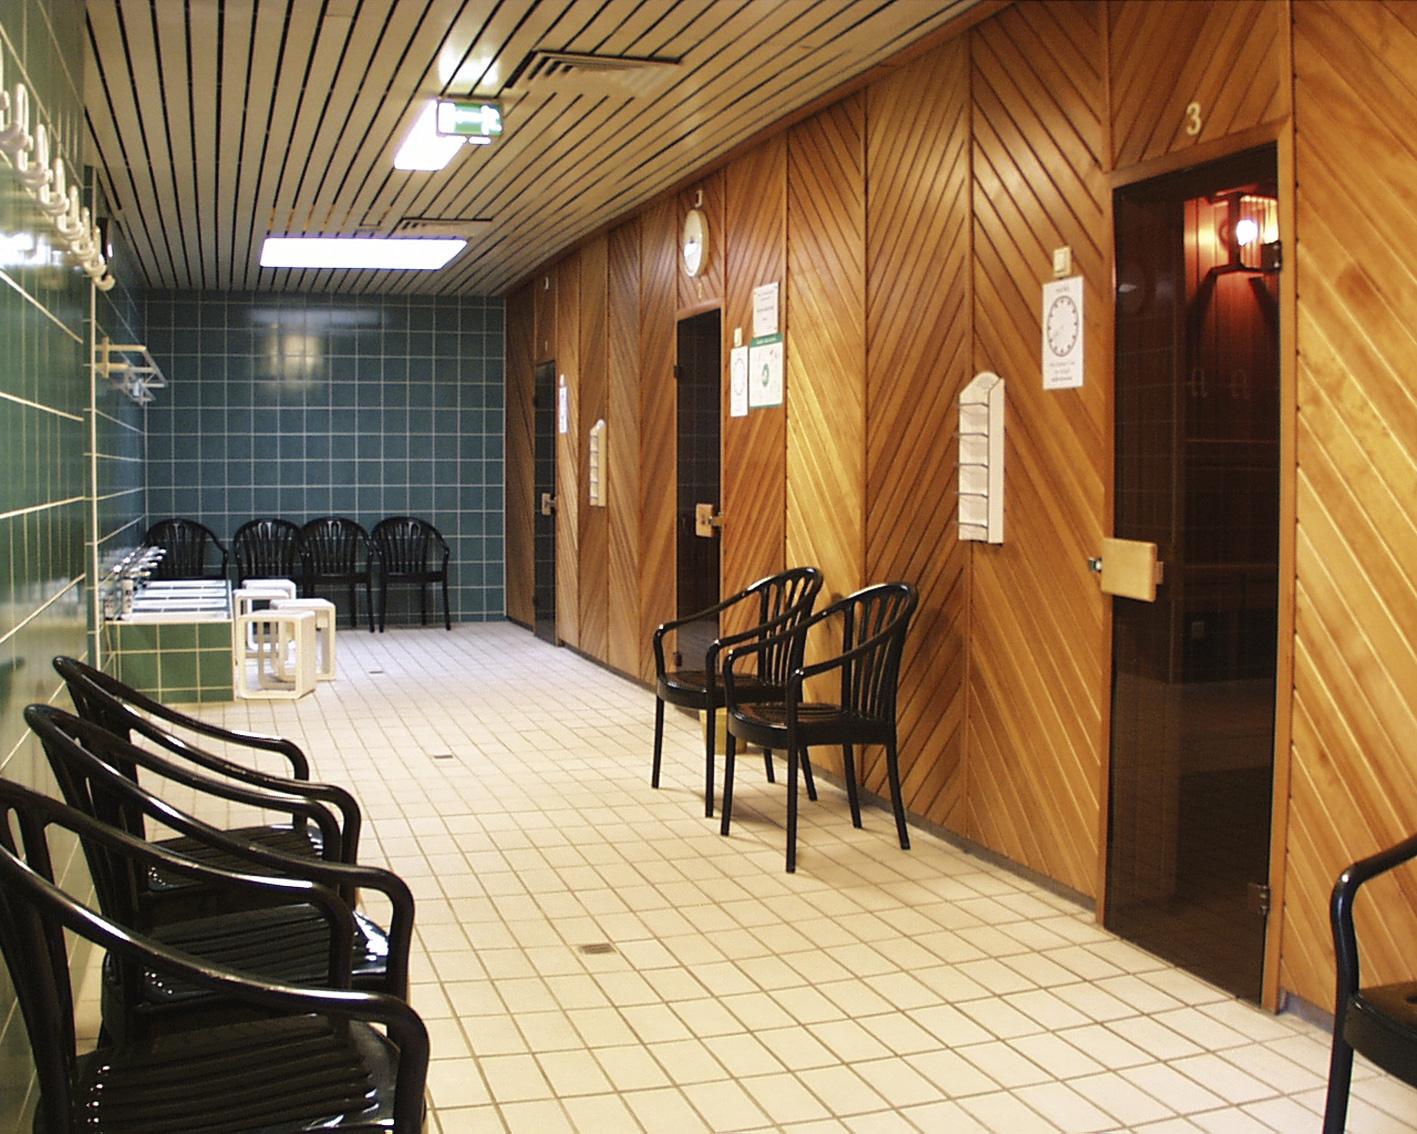 Saunieren In Der Familienoase Biesenfeld